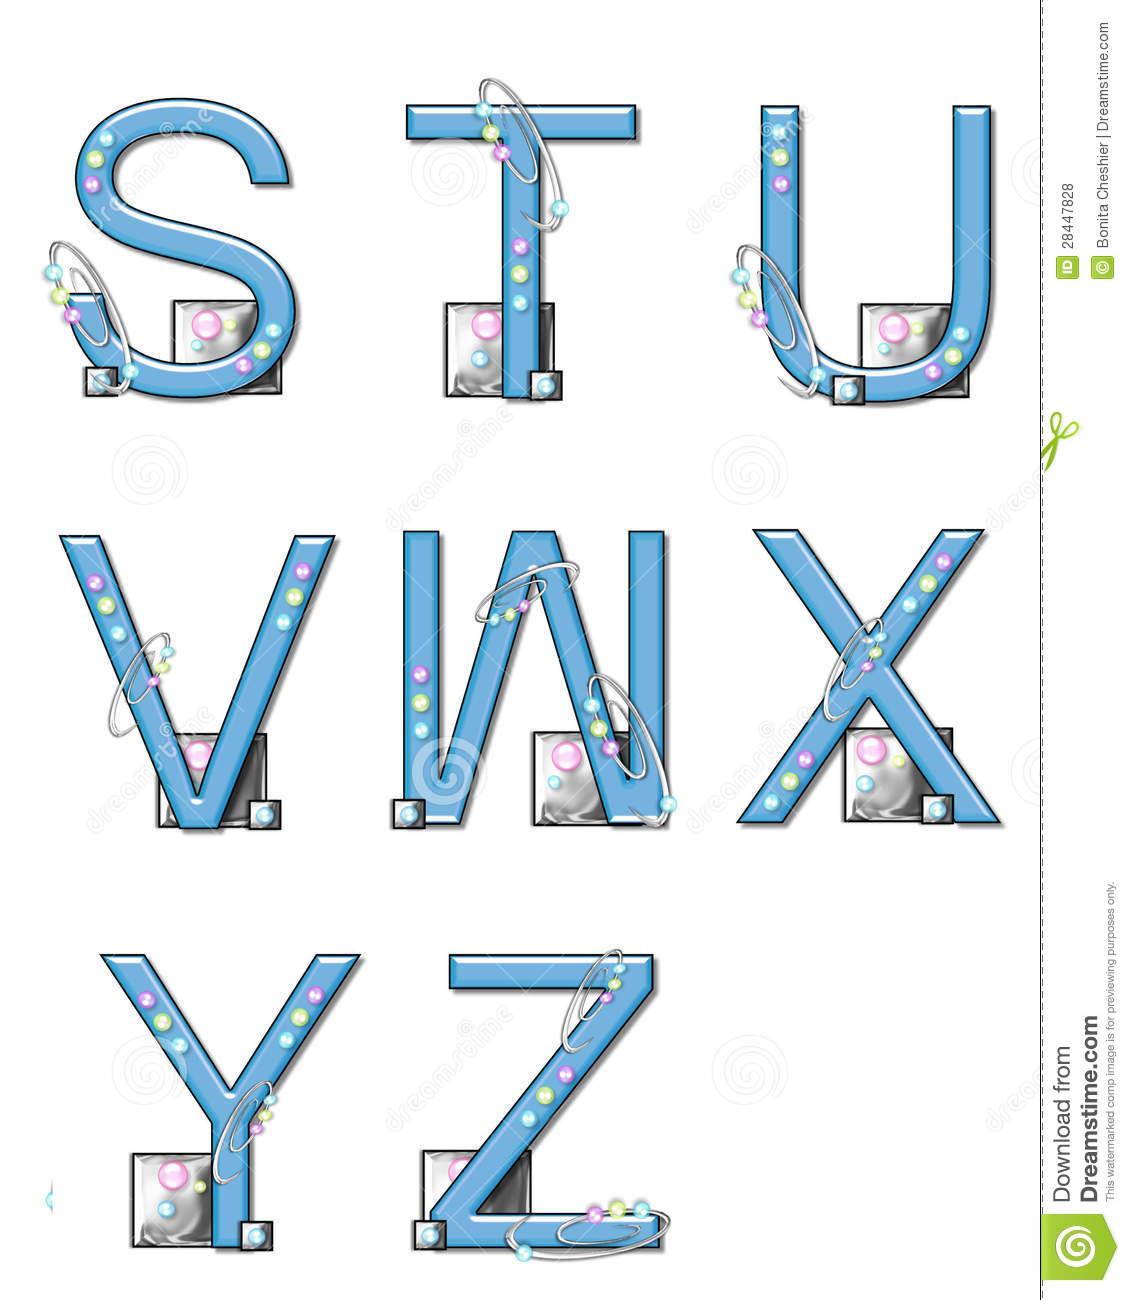 Éléments De Modèle D'alphabet S À Z Illustration Stock tout Modèle D Alphabet